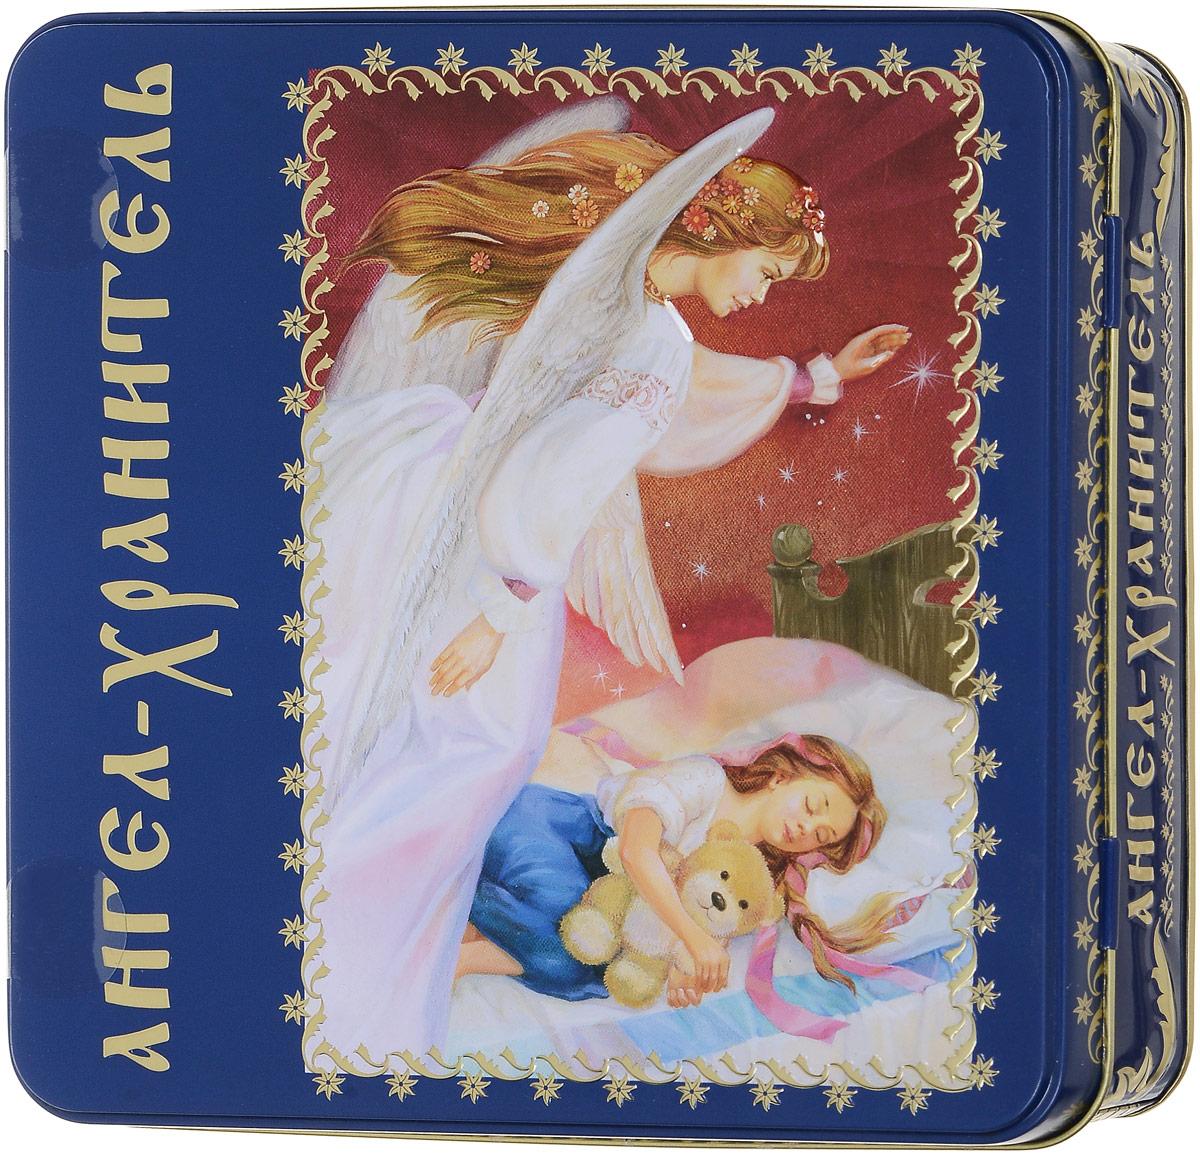 Вера, Надежда, Любовь Ангел-Хранитель подарочный набор черного листового чая, 125 г40116Ангел-Хранитель - ангел, добрый дух, данный человеку Богом при крещении для помощи и руководства.Ангел-Хранитель невидимо находится при человеке на протяжении всей его жизни, если человек сохраняет в себе любовь к Богу и истинную веру перед Ним. Задача Ангела-Хранителя - способствовать спасению подопечного. Ангелы-Хранители духовно наставляют в вере и благочестии, охраняют души и тела, заступаются за них в течение земной их жизни, молят о них Бога, не оставляют их, наконец, после смерти и отводят души окончивших земную жизнь в вечность.Всё о чае: сорта, факты, советы по выбору и употреблению. Статья OZON Гид